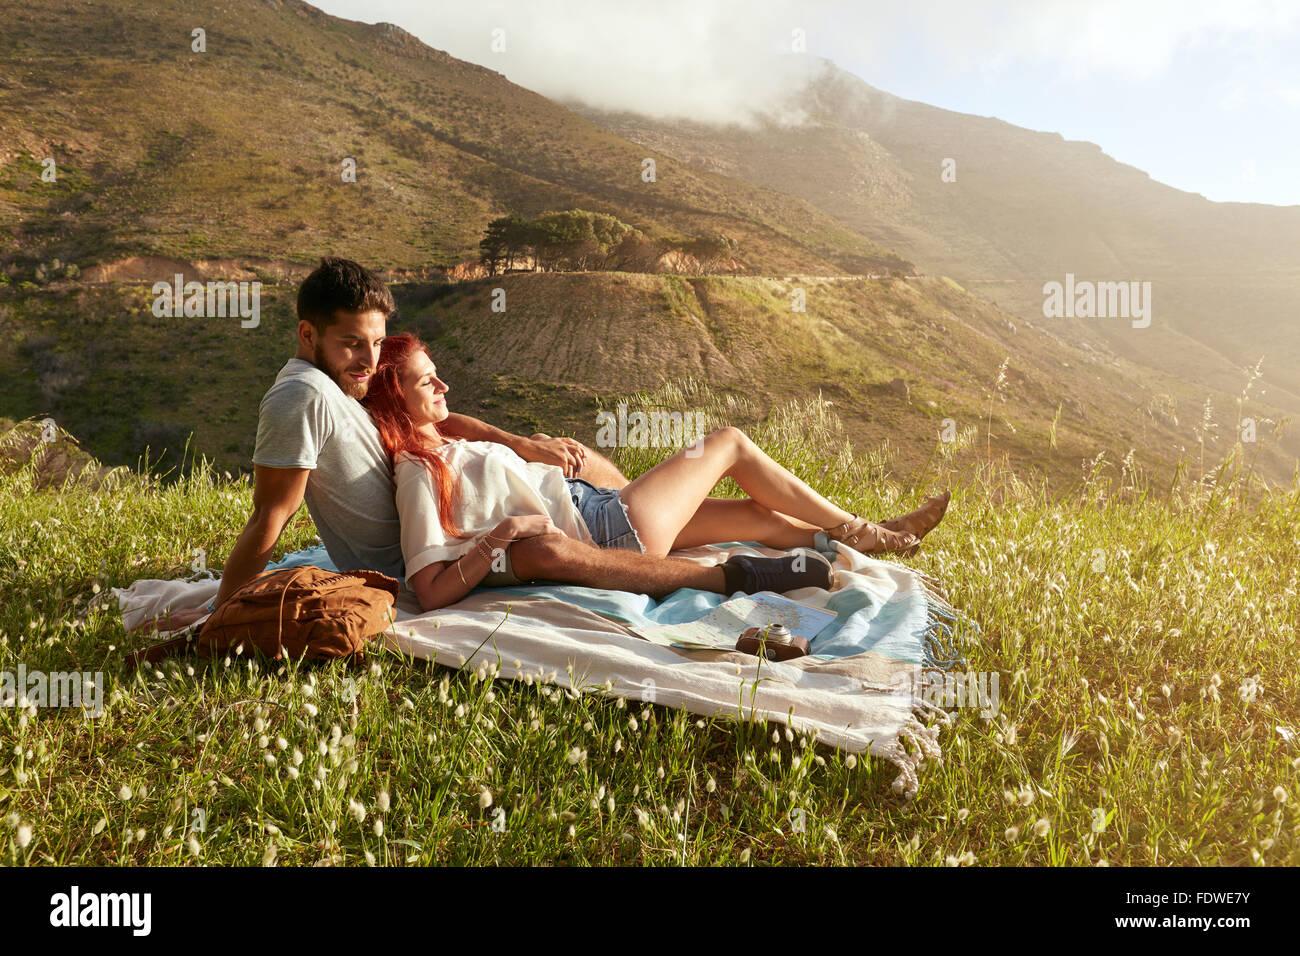 Happy young couple on picnic blanket. Ils sont de détente ensemble sur une journée d'été. Photo Stock